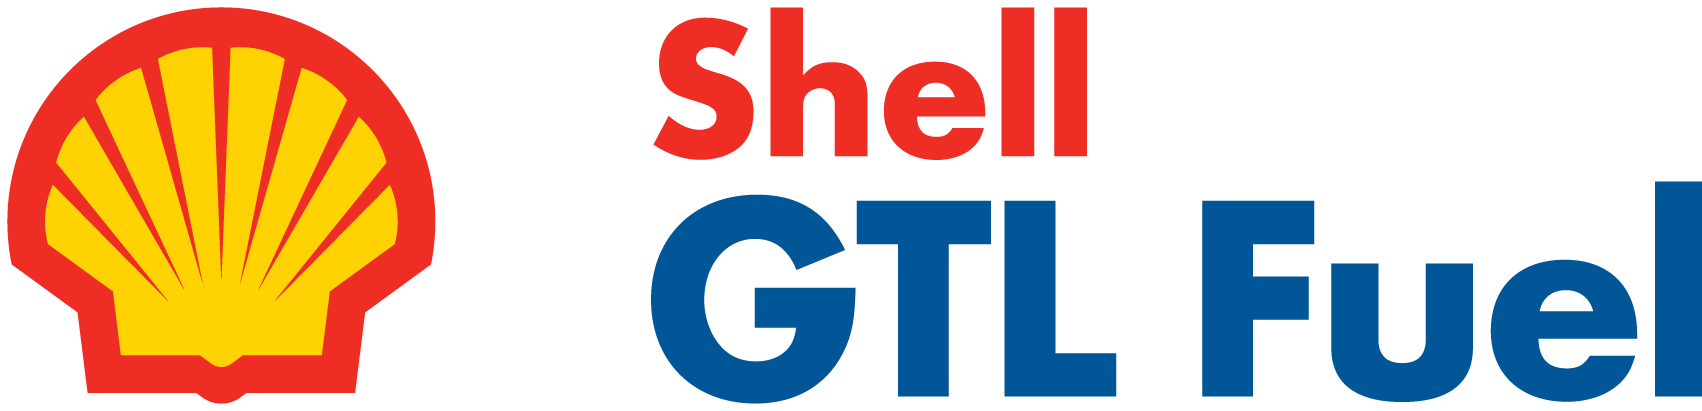 Shell GTL Fuel